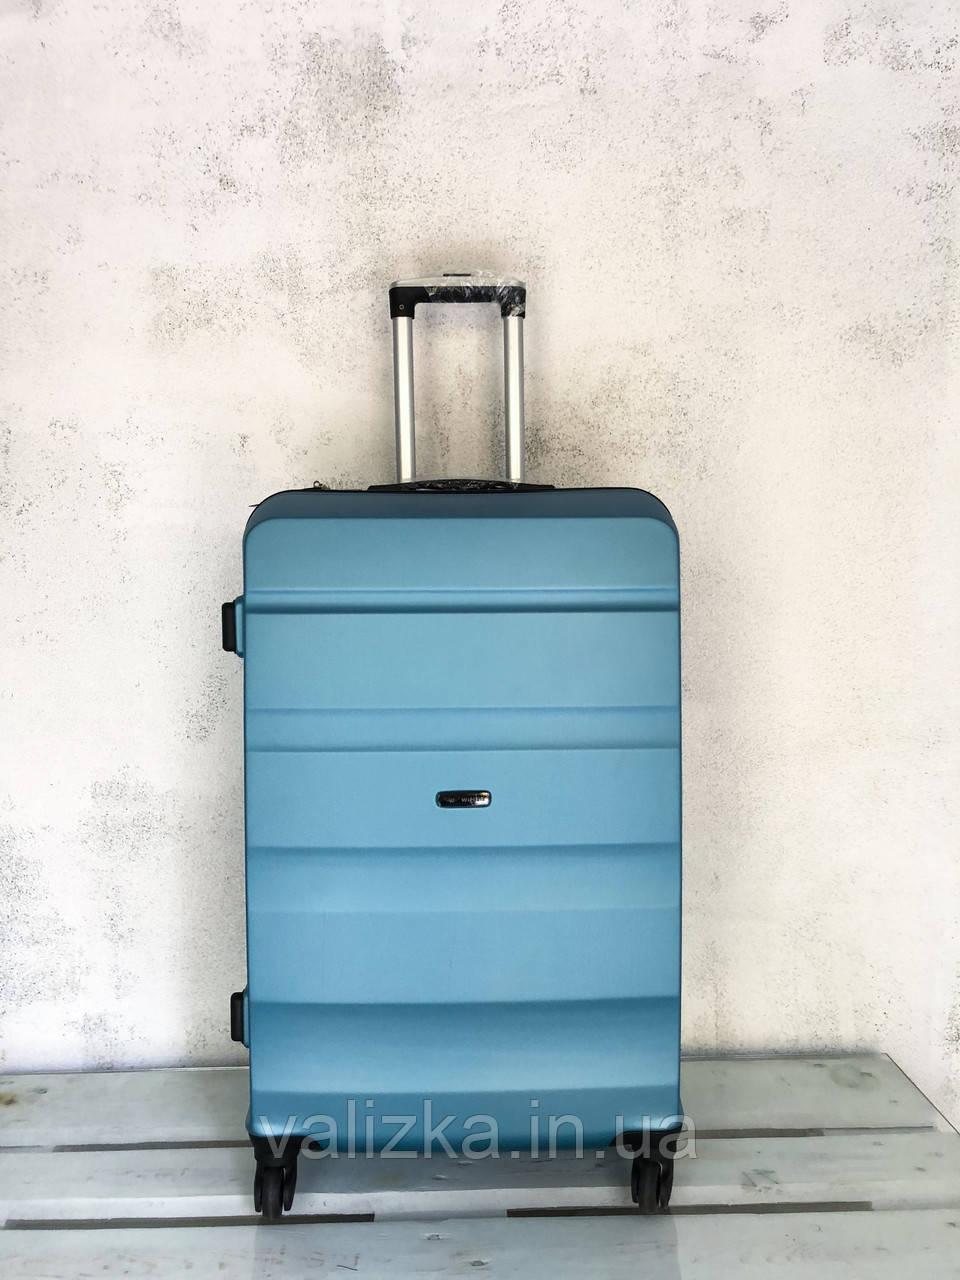 Большой чемодан из поликарбоната 4-х колесный Оригинал Польша! Валіза велика з полікарбонату голуба